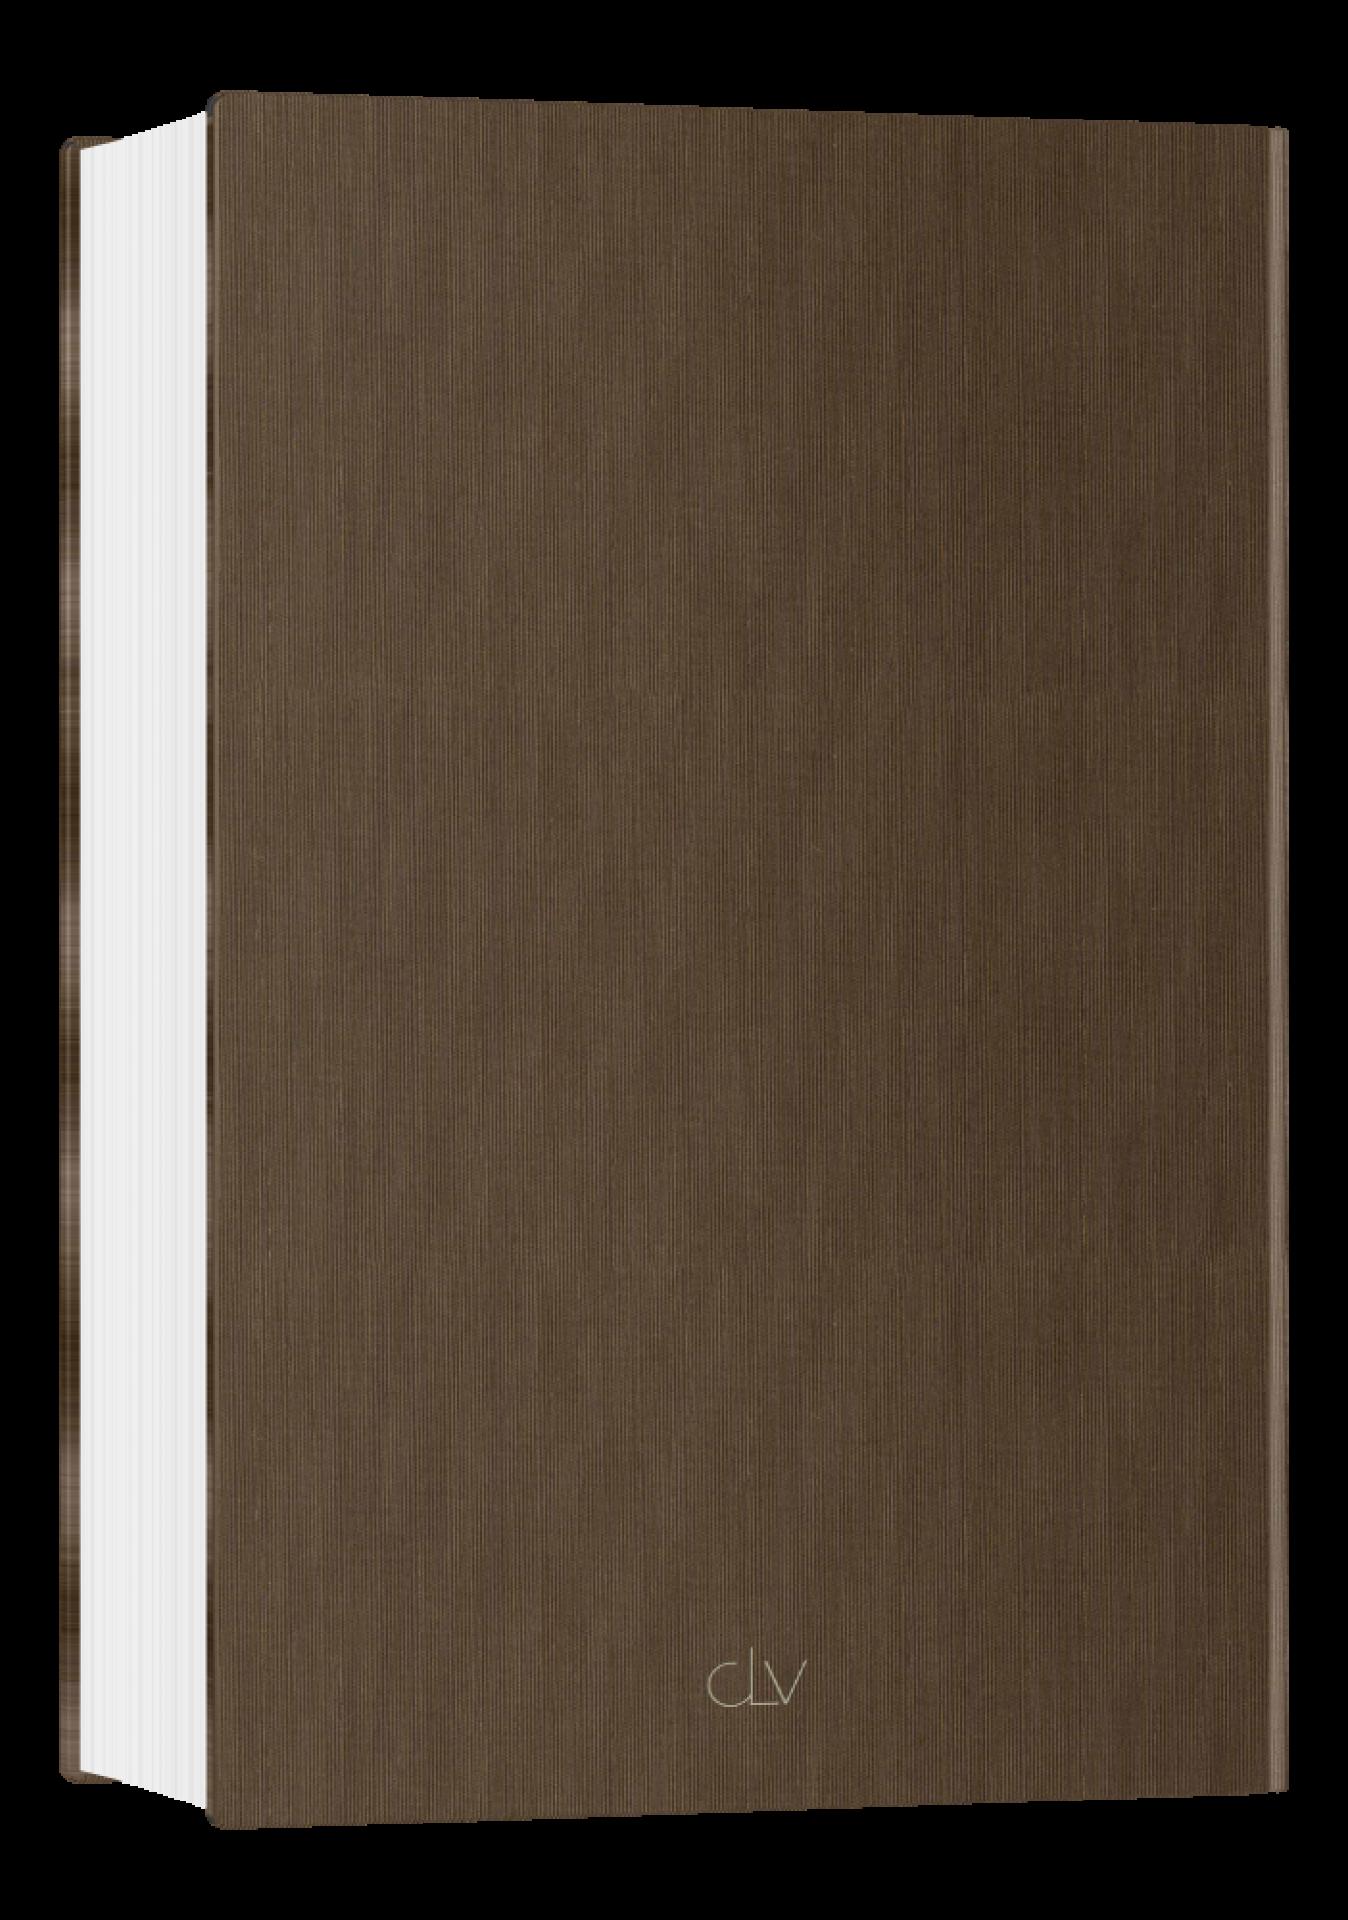 CLV_konkordanz-zur-schlachter-2000_2